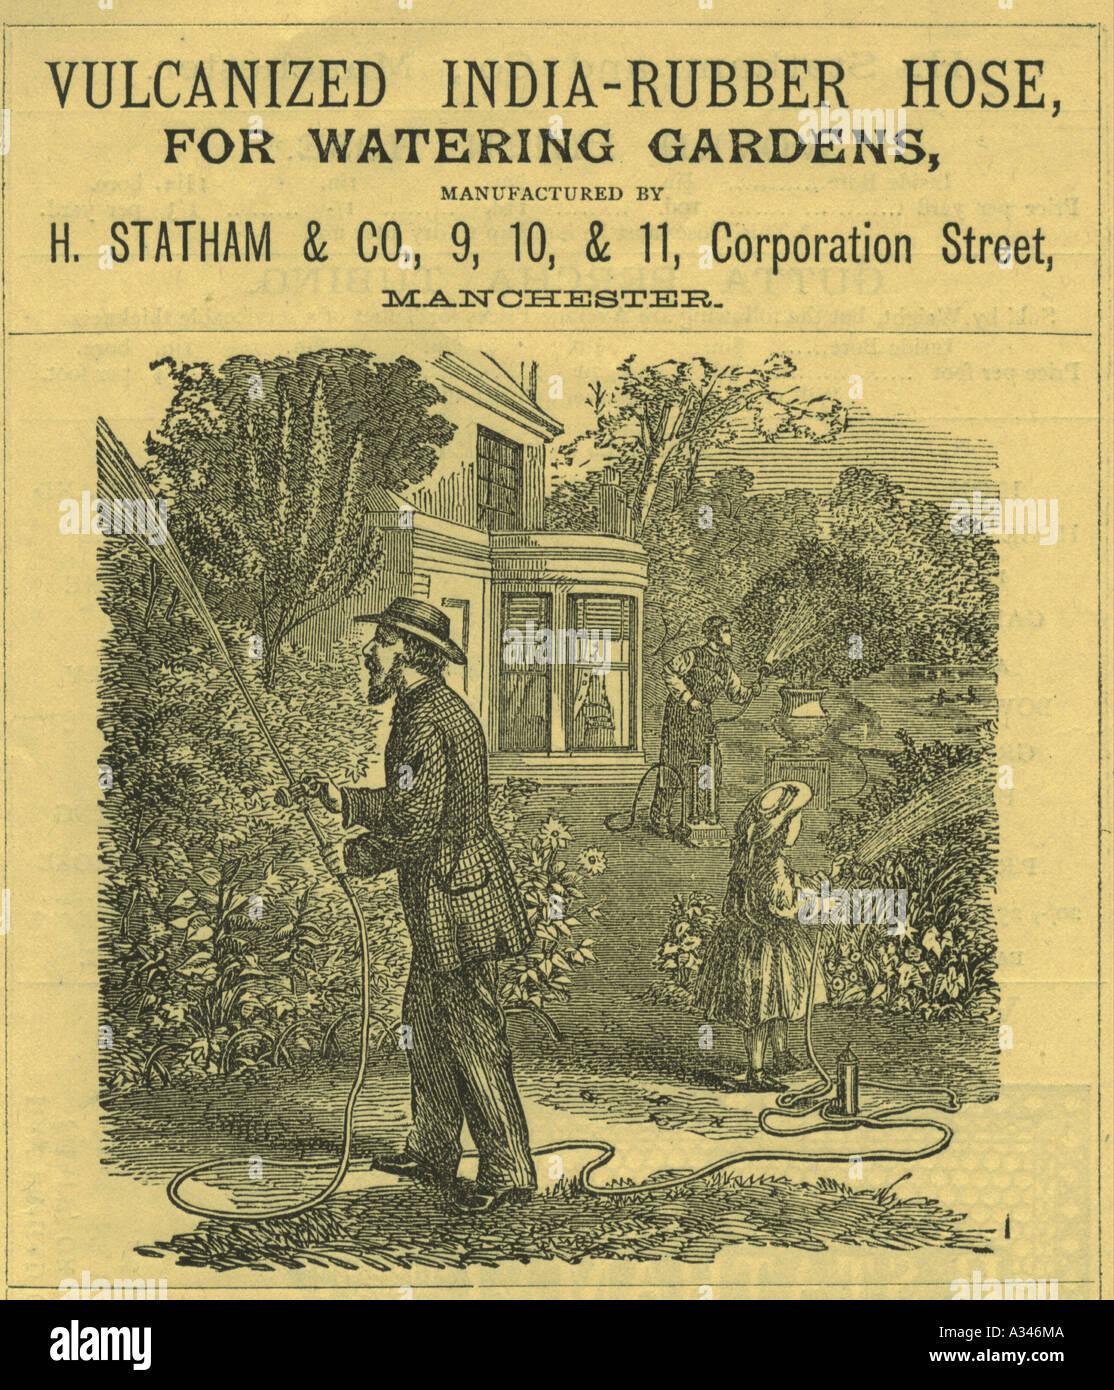 India-Rubber Garden Hose advertisement circa 1860 Stock Photo